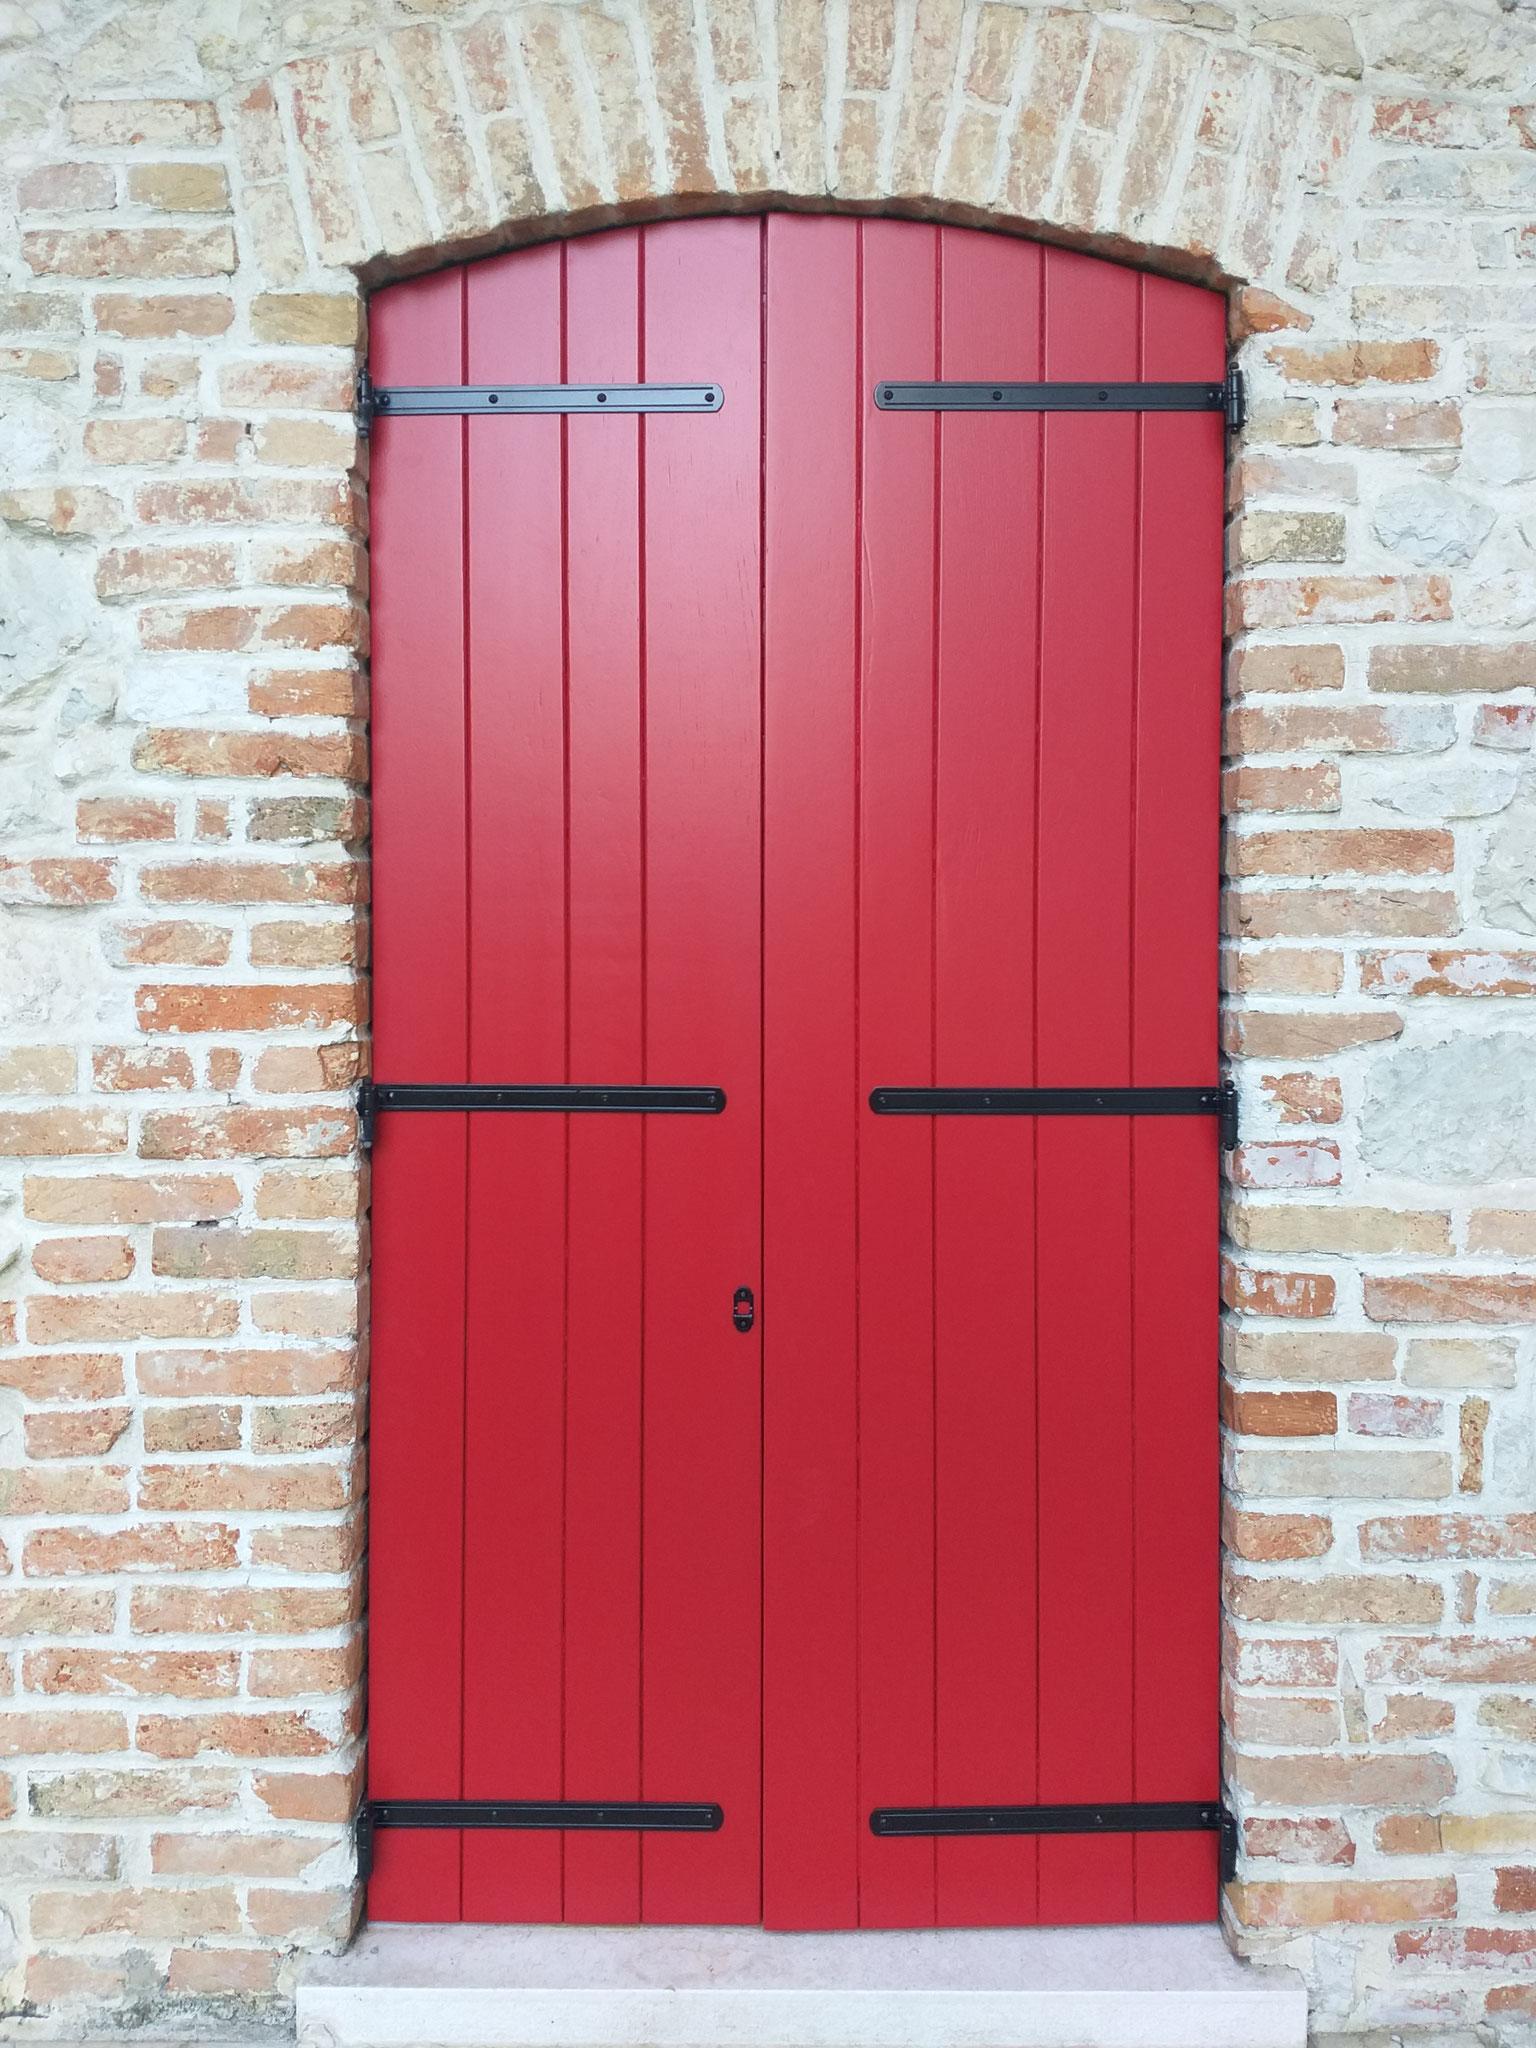 Scuro in legno restaurato e riverniciato con verniciatura rossa